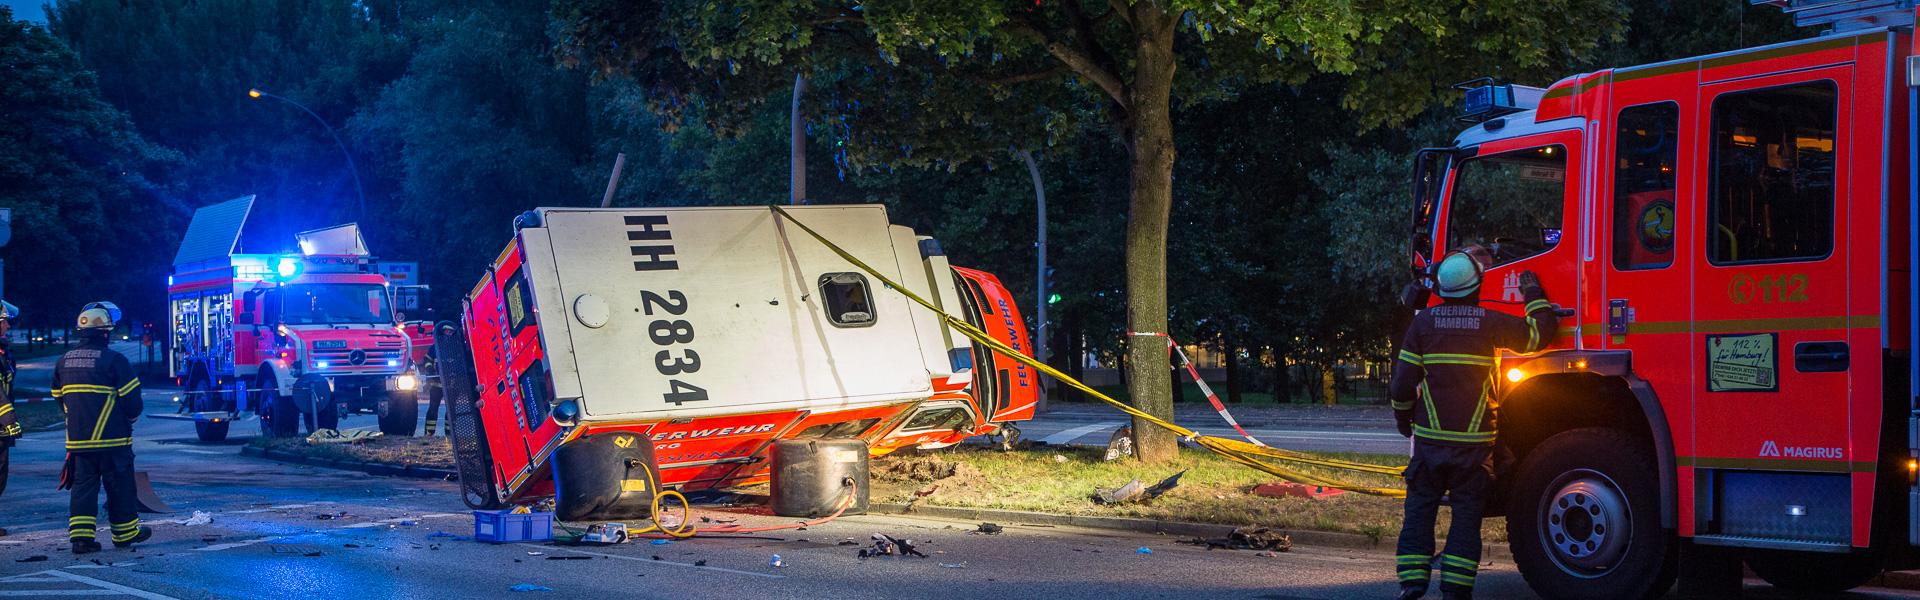 17.07.2017 – Unfall mit Rettungswagen am Stadtpark